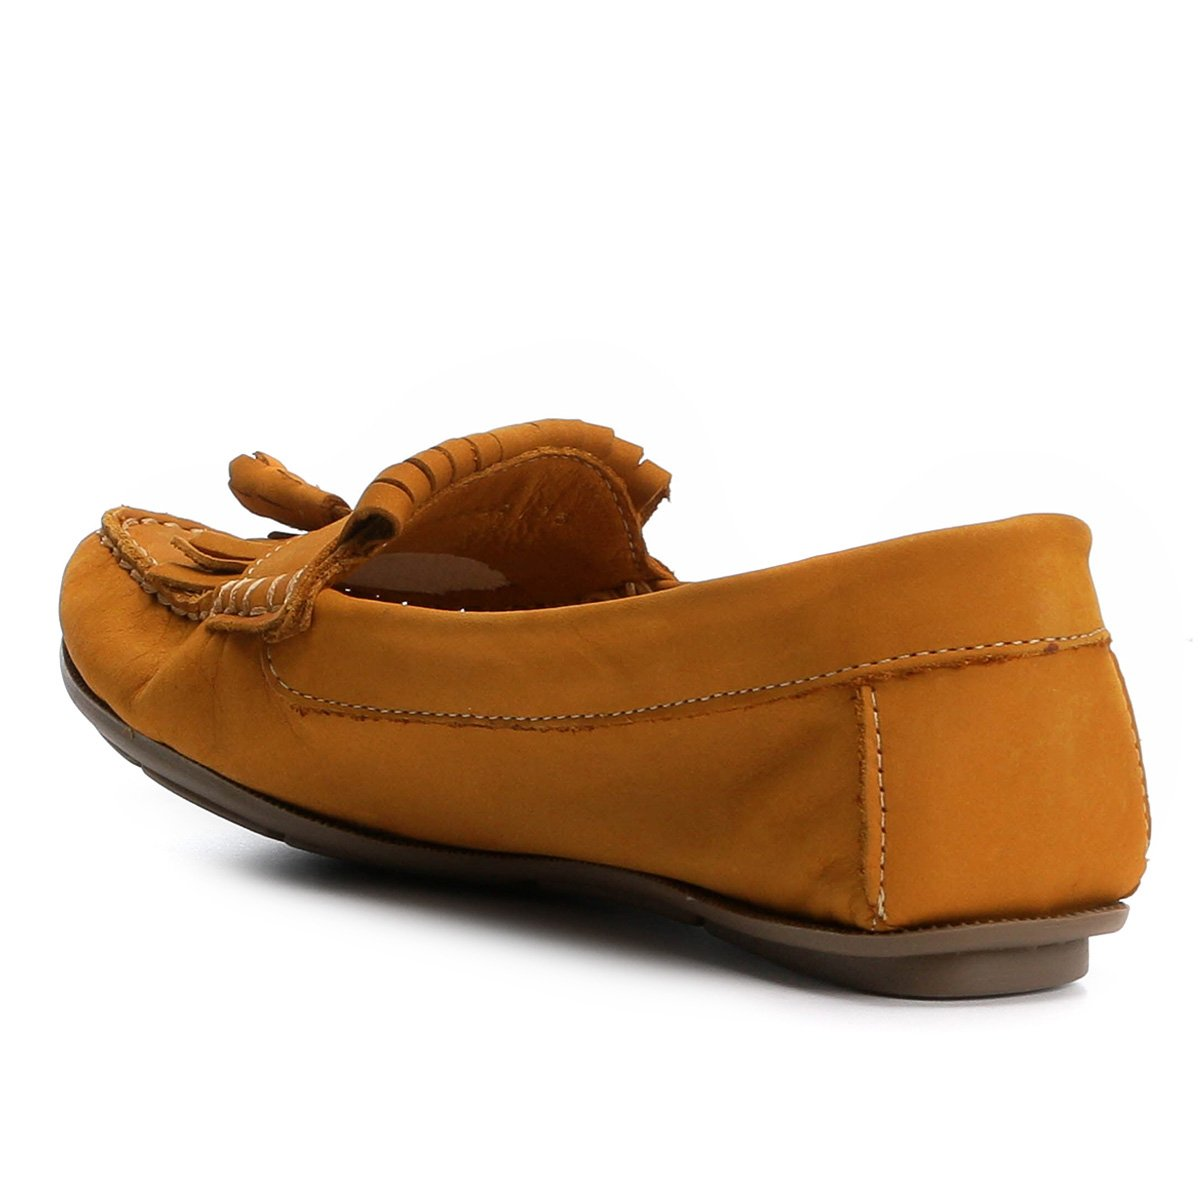 43c29e4597 Mocassim Couro Shoestock Franja Feminino - Compre Agora